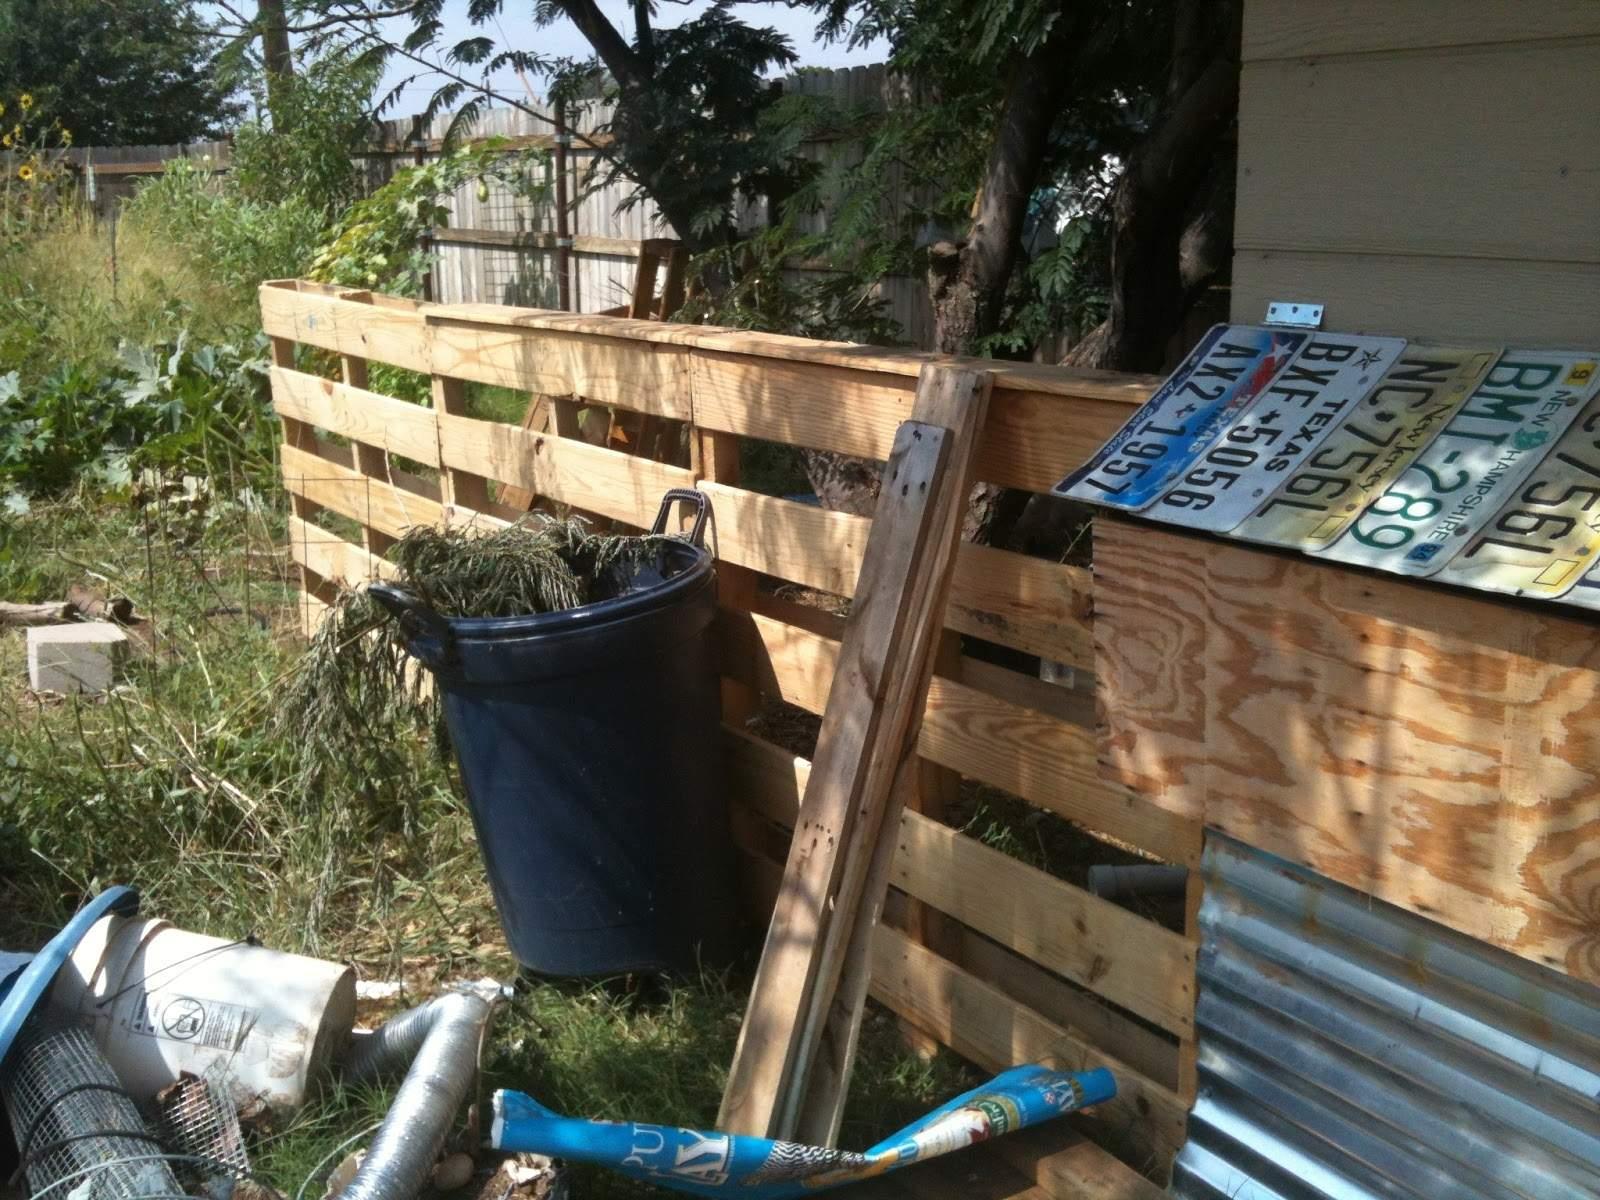 coop fence.JPG